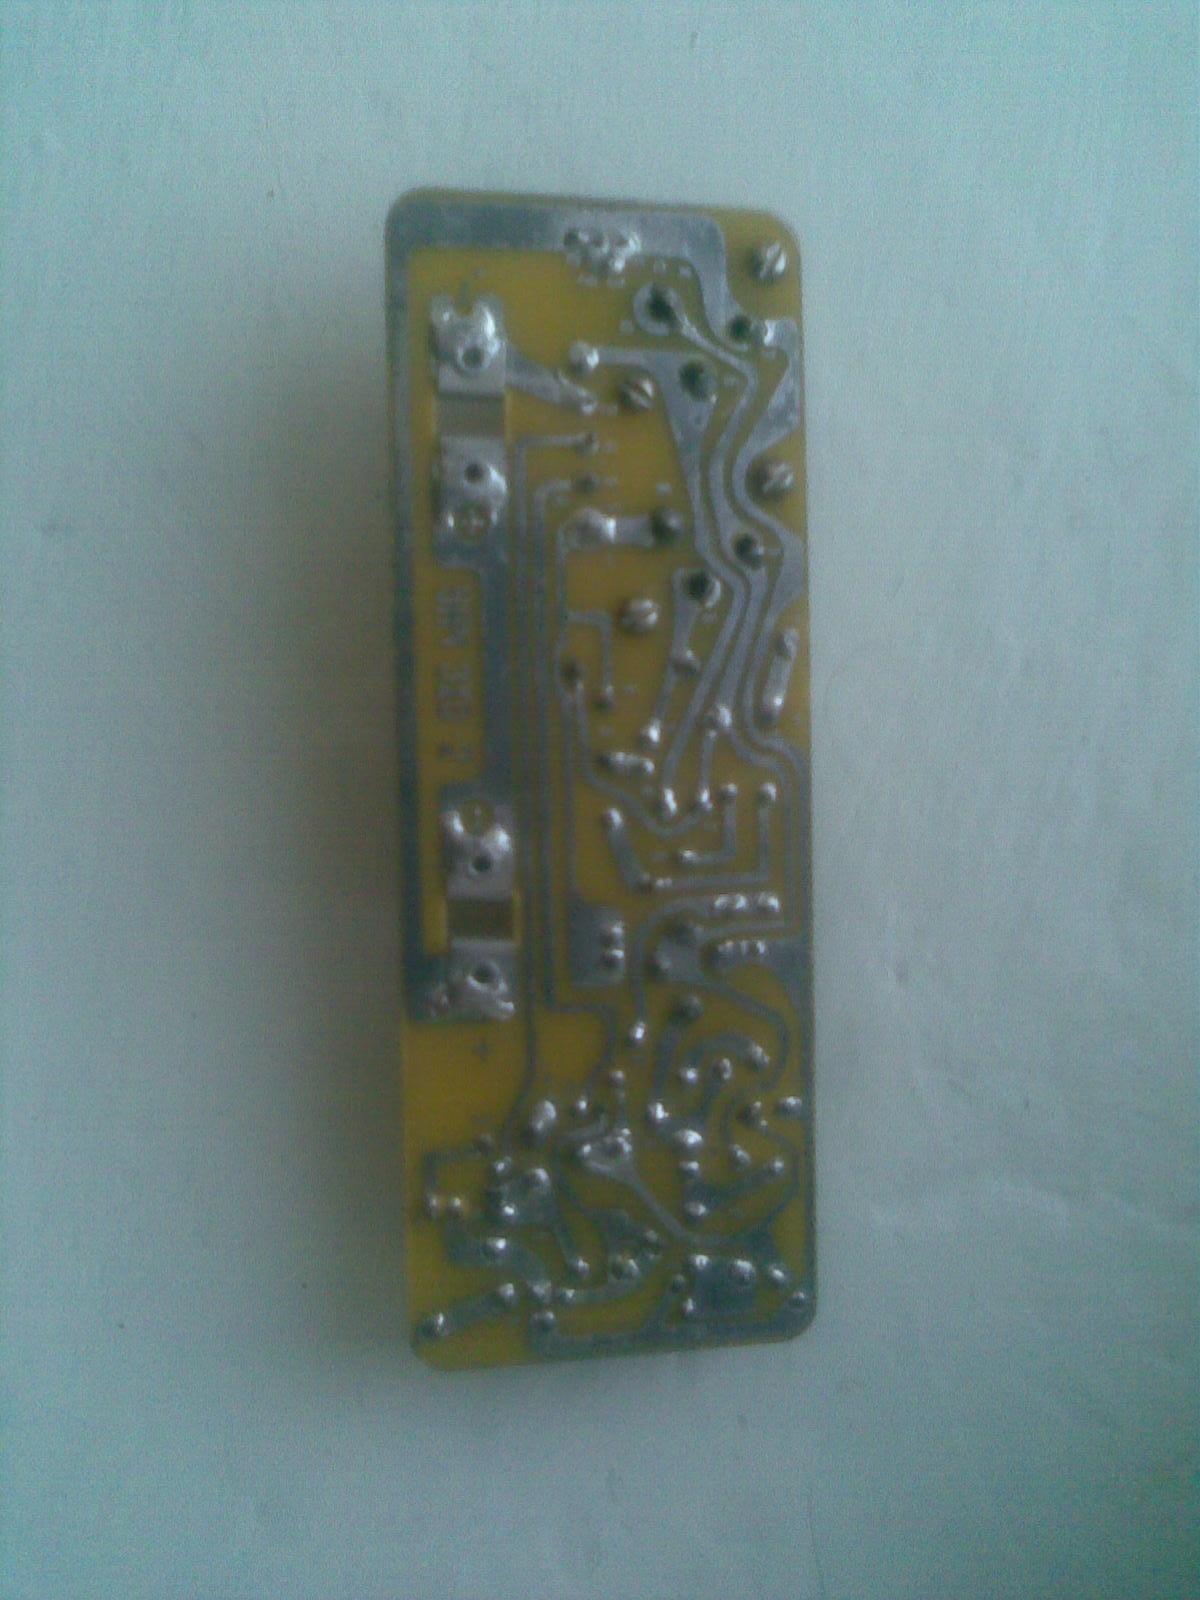 схема подключения транзистора п213б